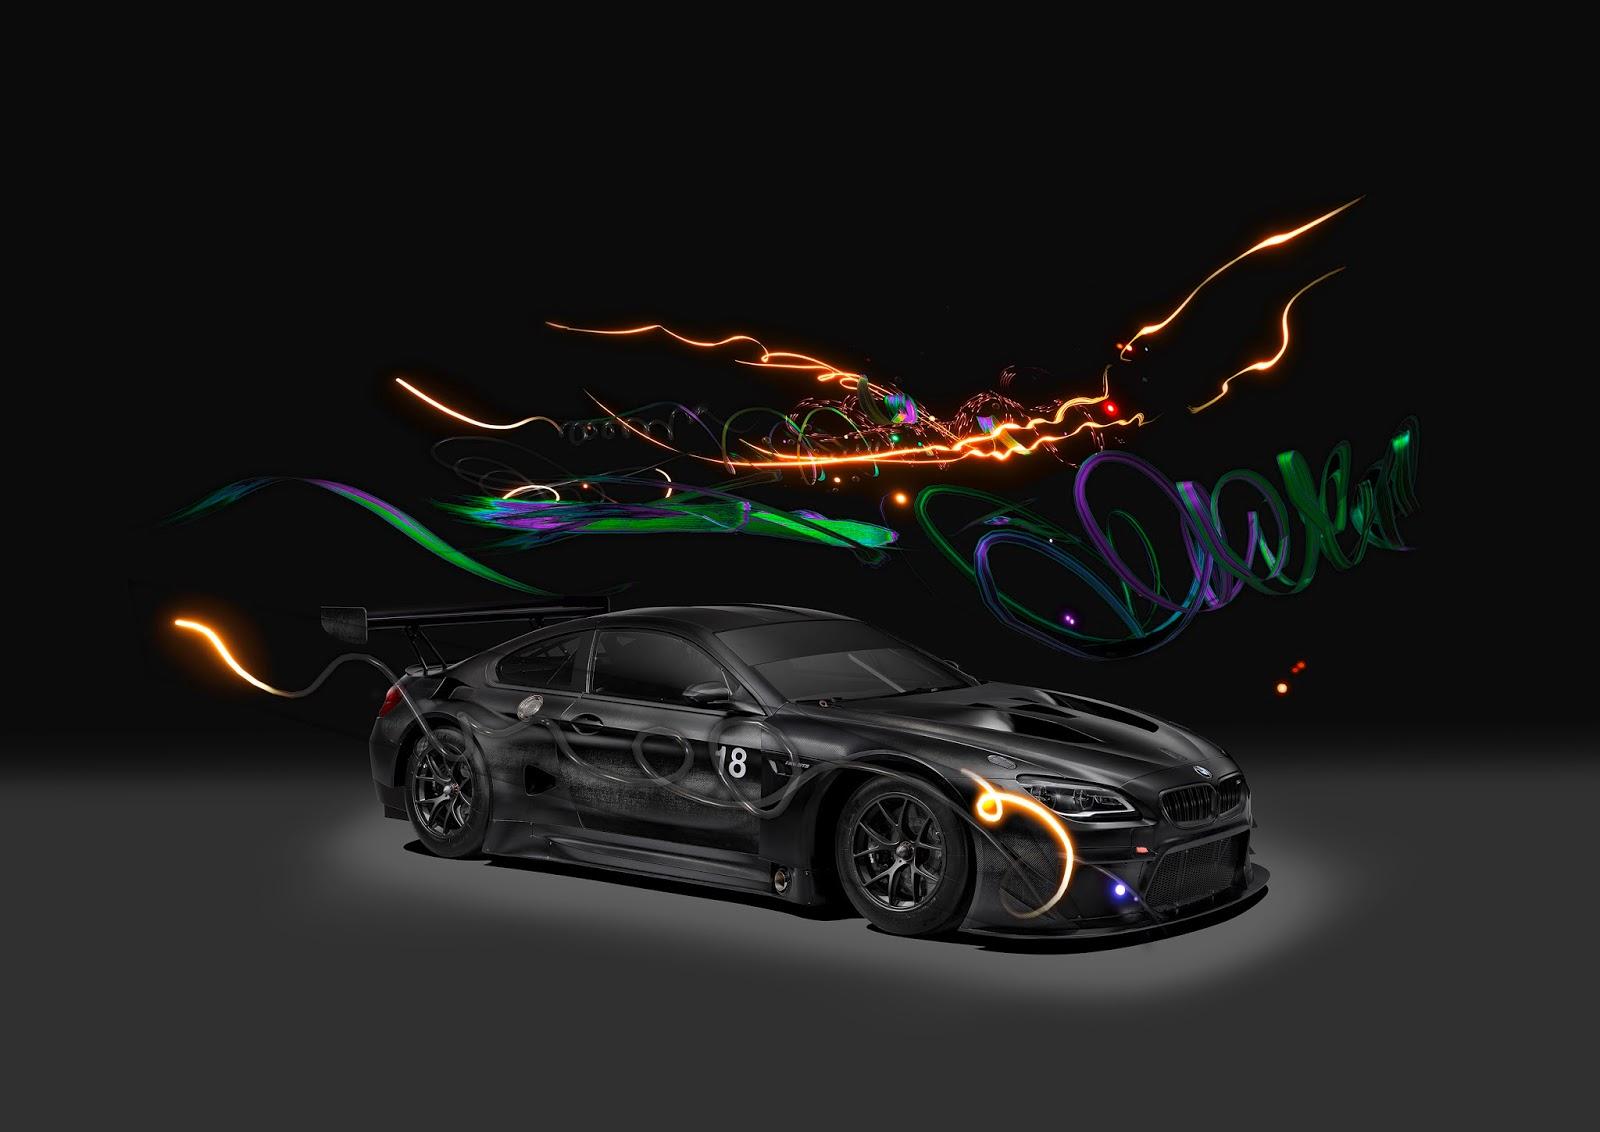 P90259906 highRes bmw art car 18 by ca Μια BMW M6 GT3 το πρώτο ψηφιακό Art Car Art, BMW, Bmw Art Car, BMW M6 GT3